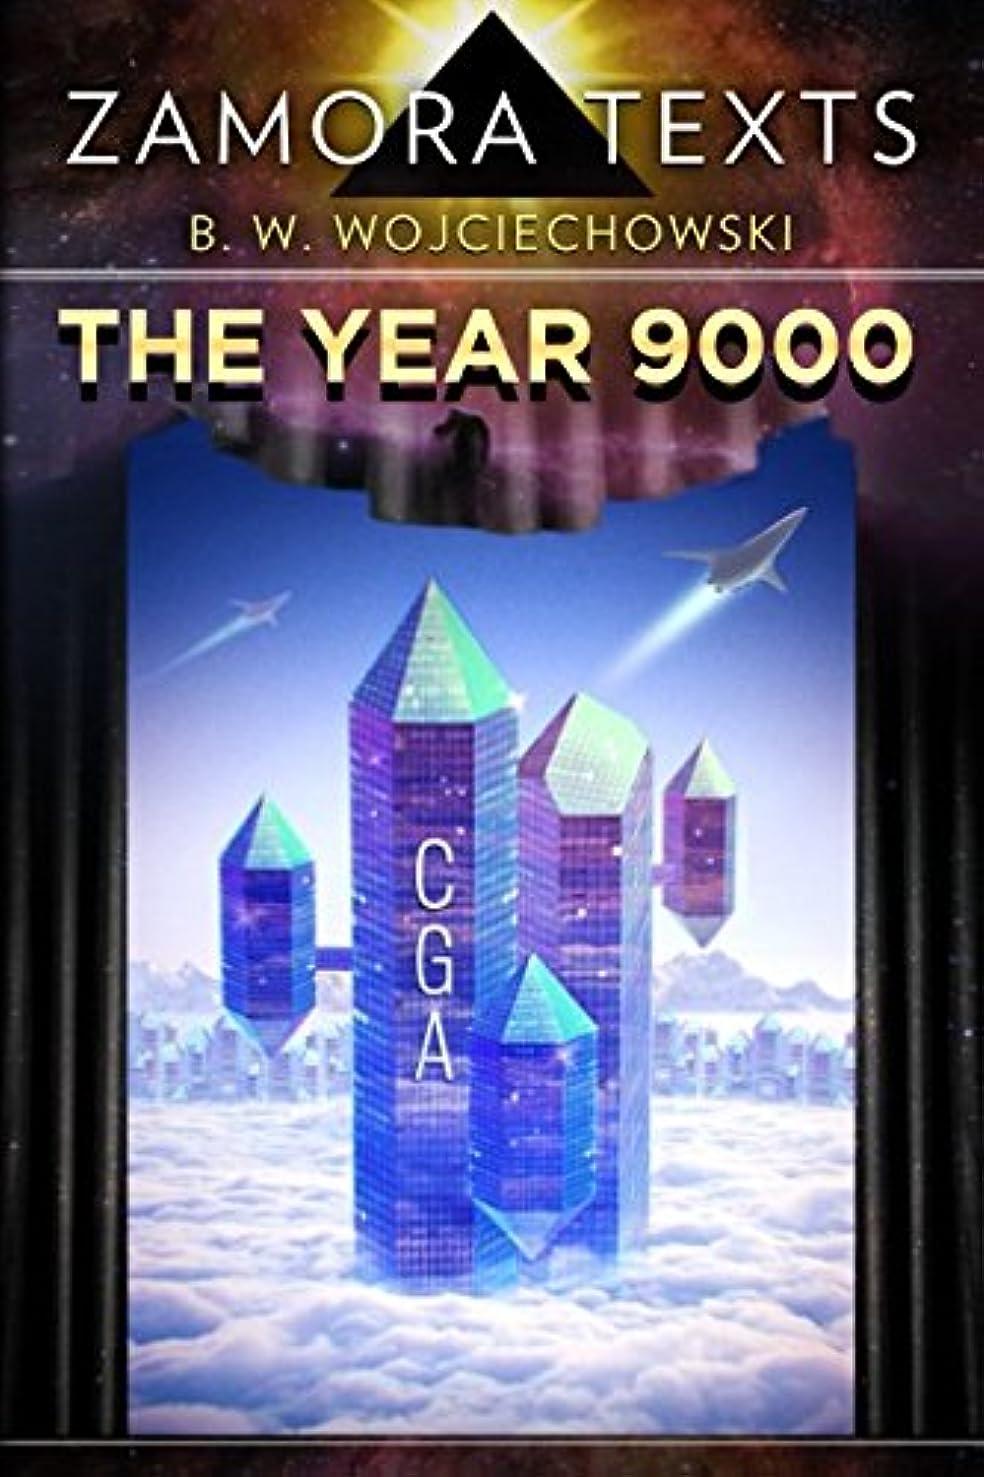 明確なコンバーチブル理論Zamora Texts: the Year 9000: How We Got Here